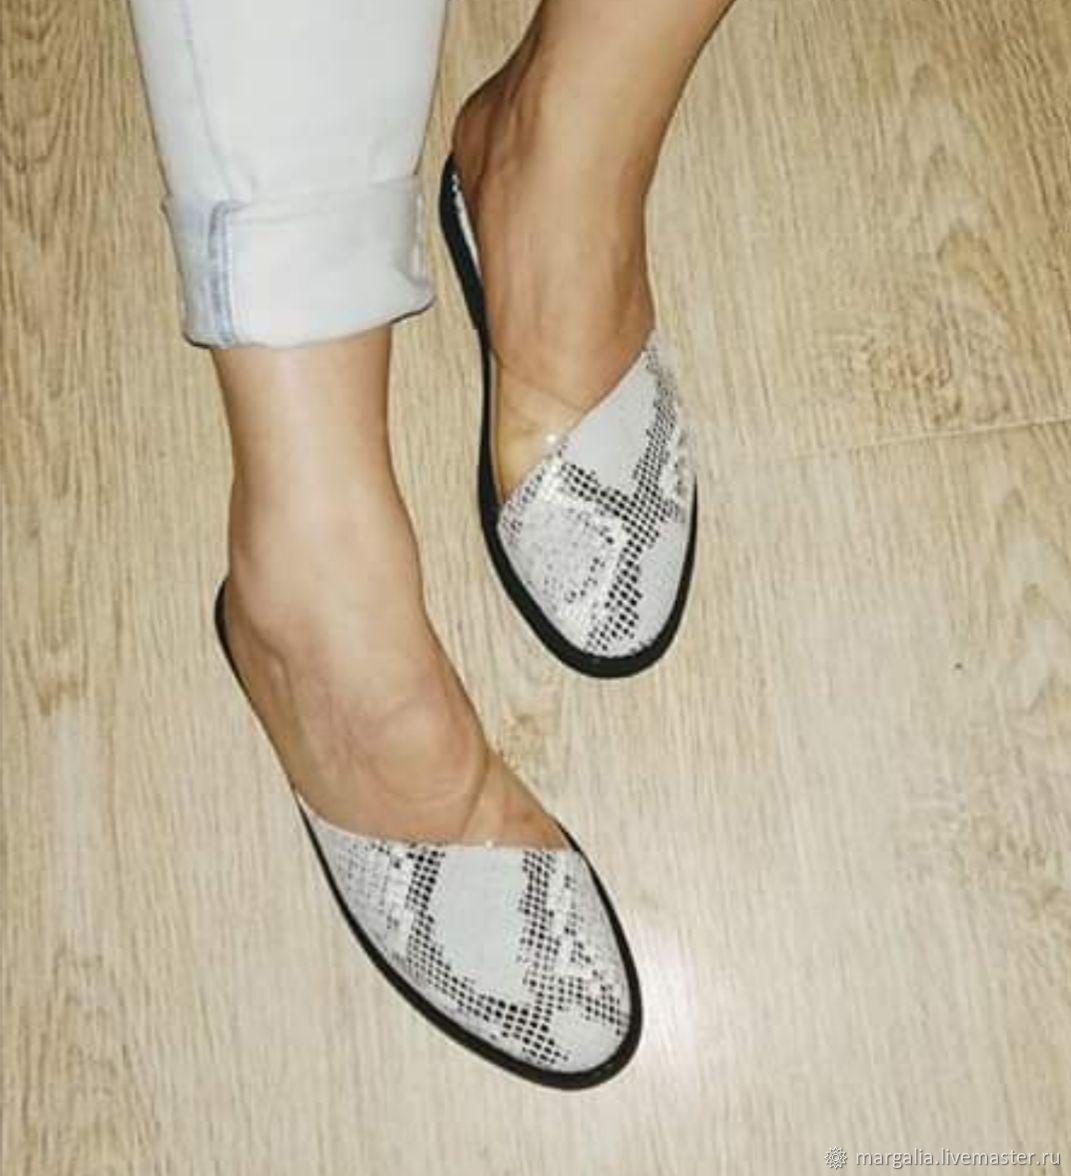 Обувь ручной работы. Ярмарка Мастеров - ручная работа. Купить Мюли. Handmade. Обувь ручной работы, Обувь из кожи